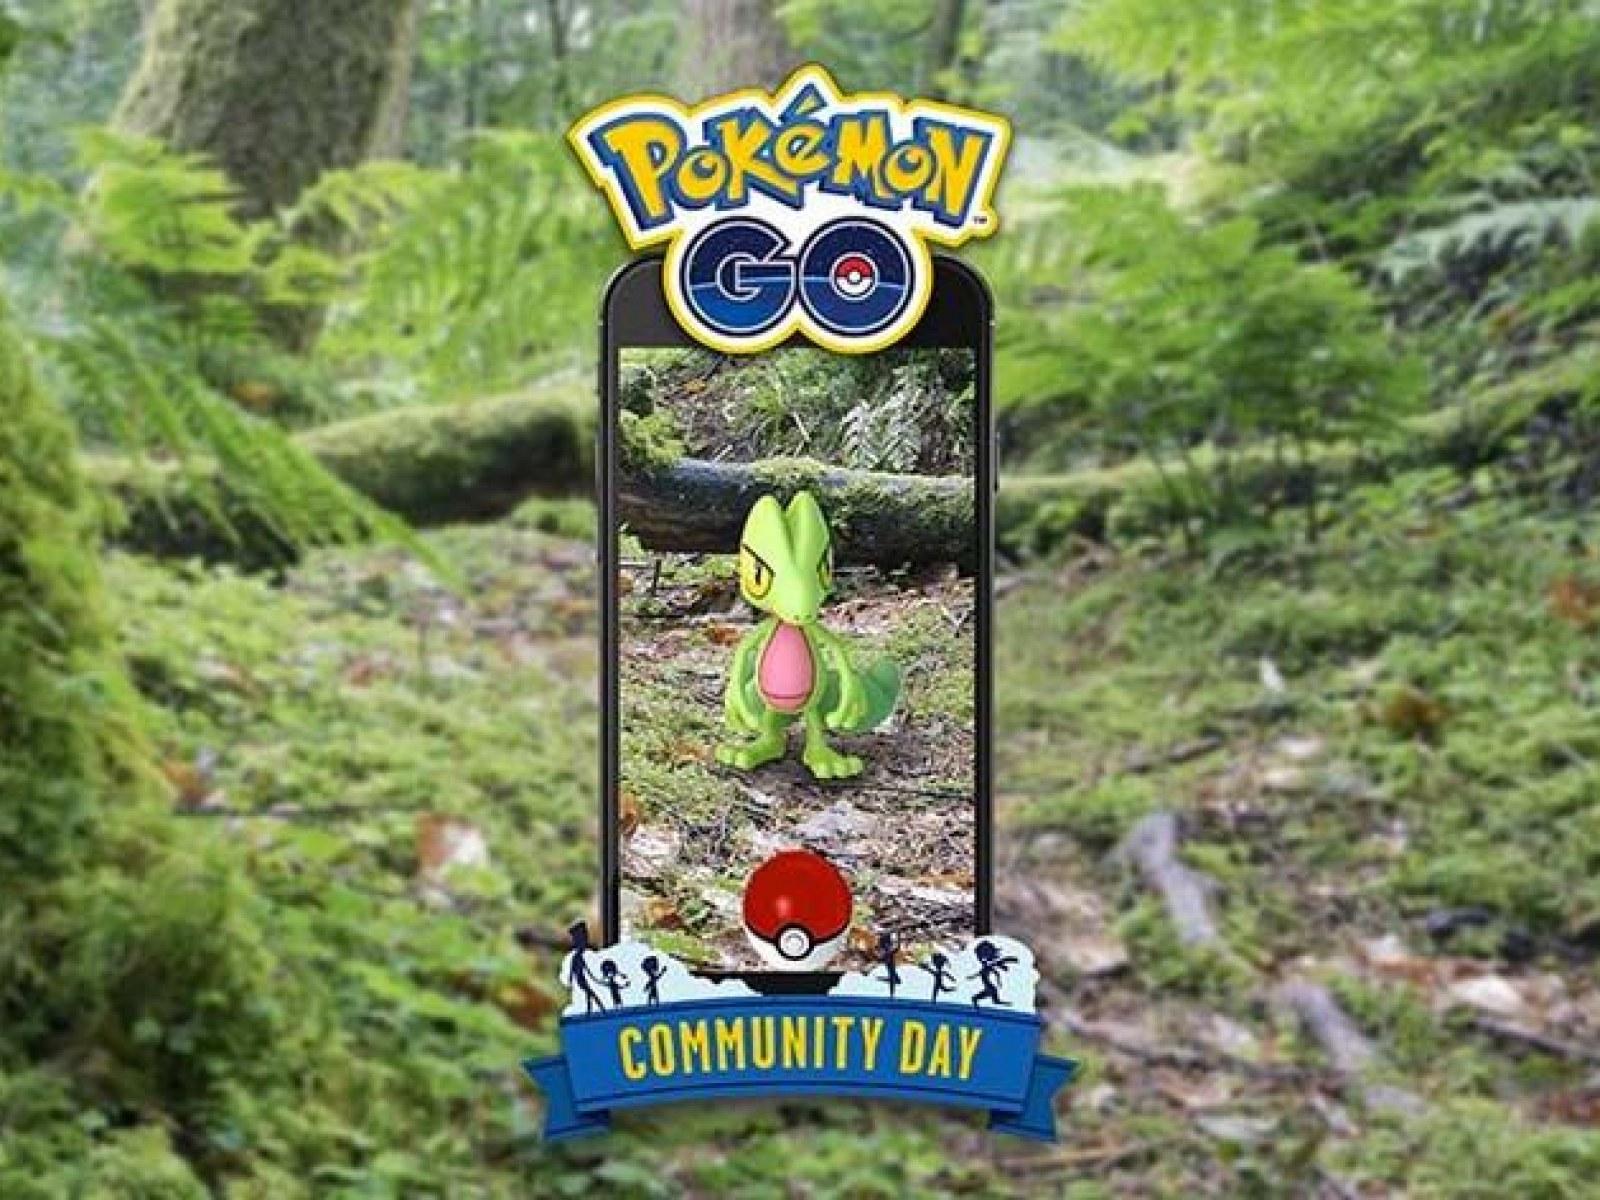 Pokémon Go' Treecko March Community Day Announced